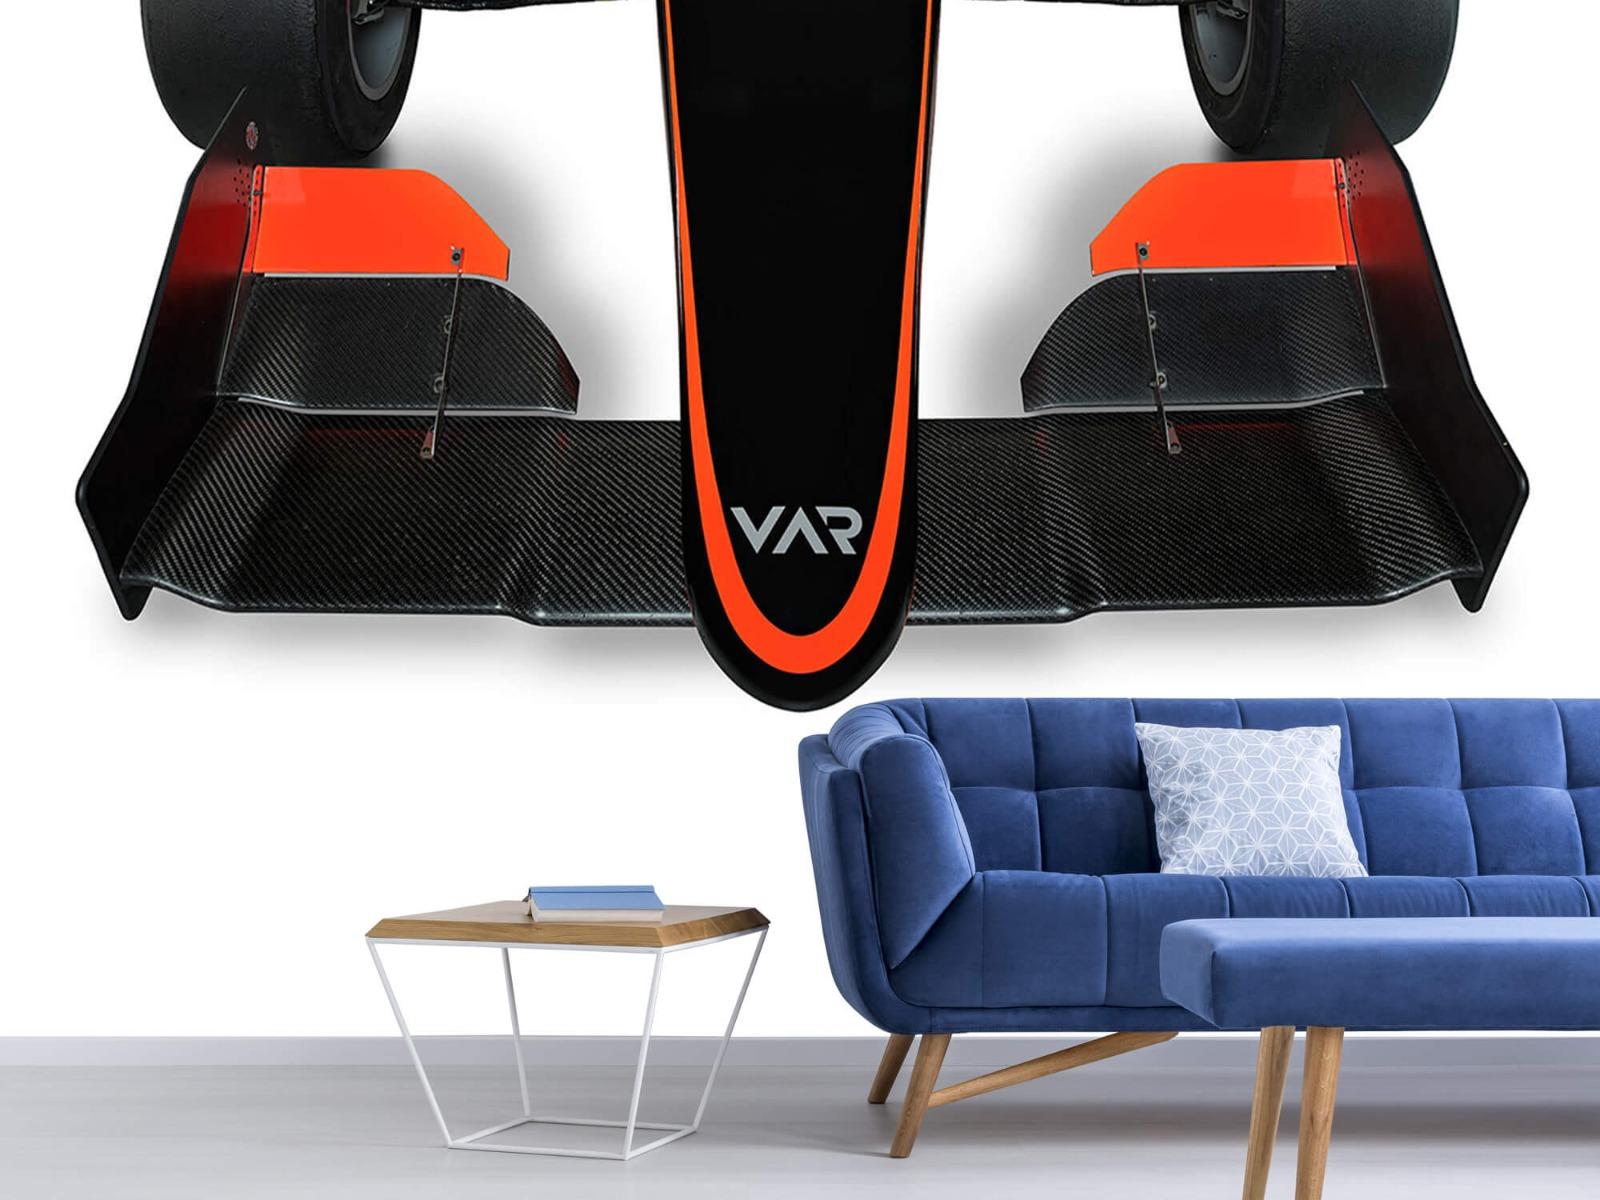 Sportauto's - Formule 3 - Front view - Computerruimte 5